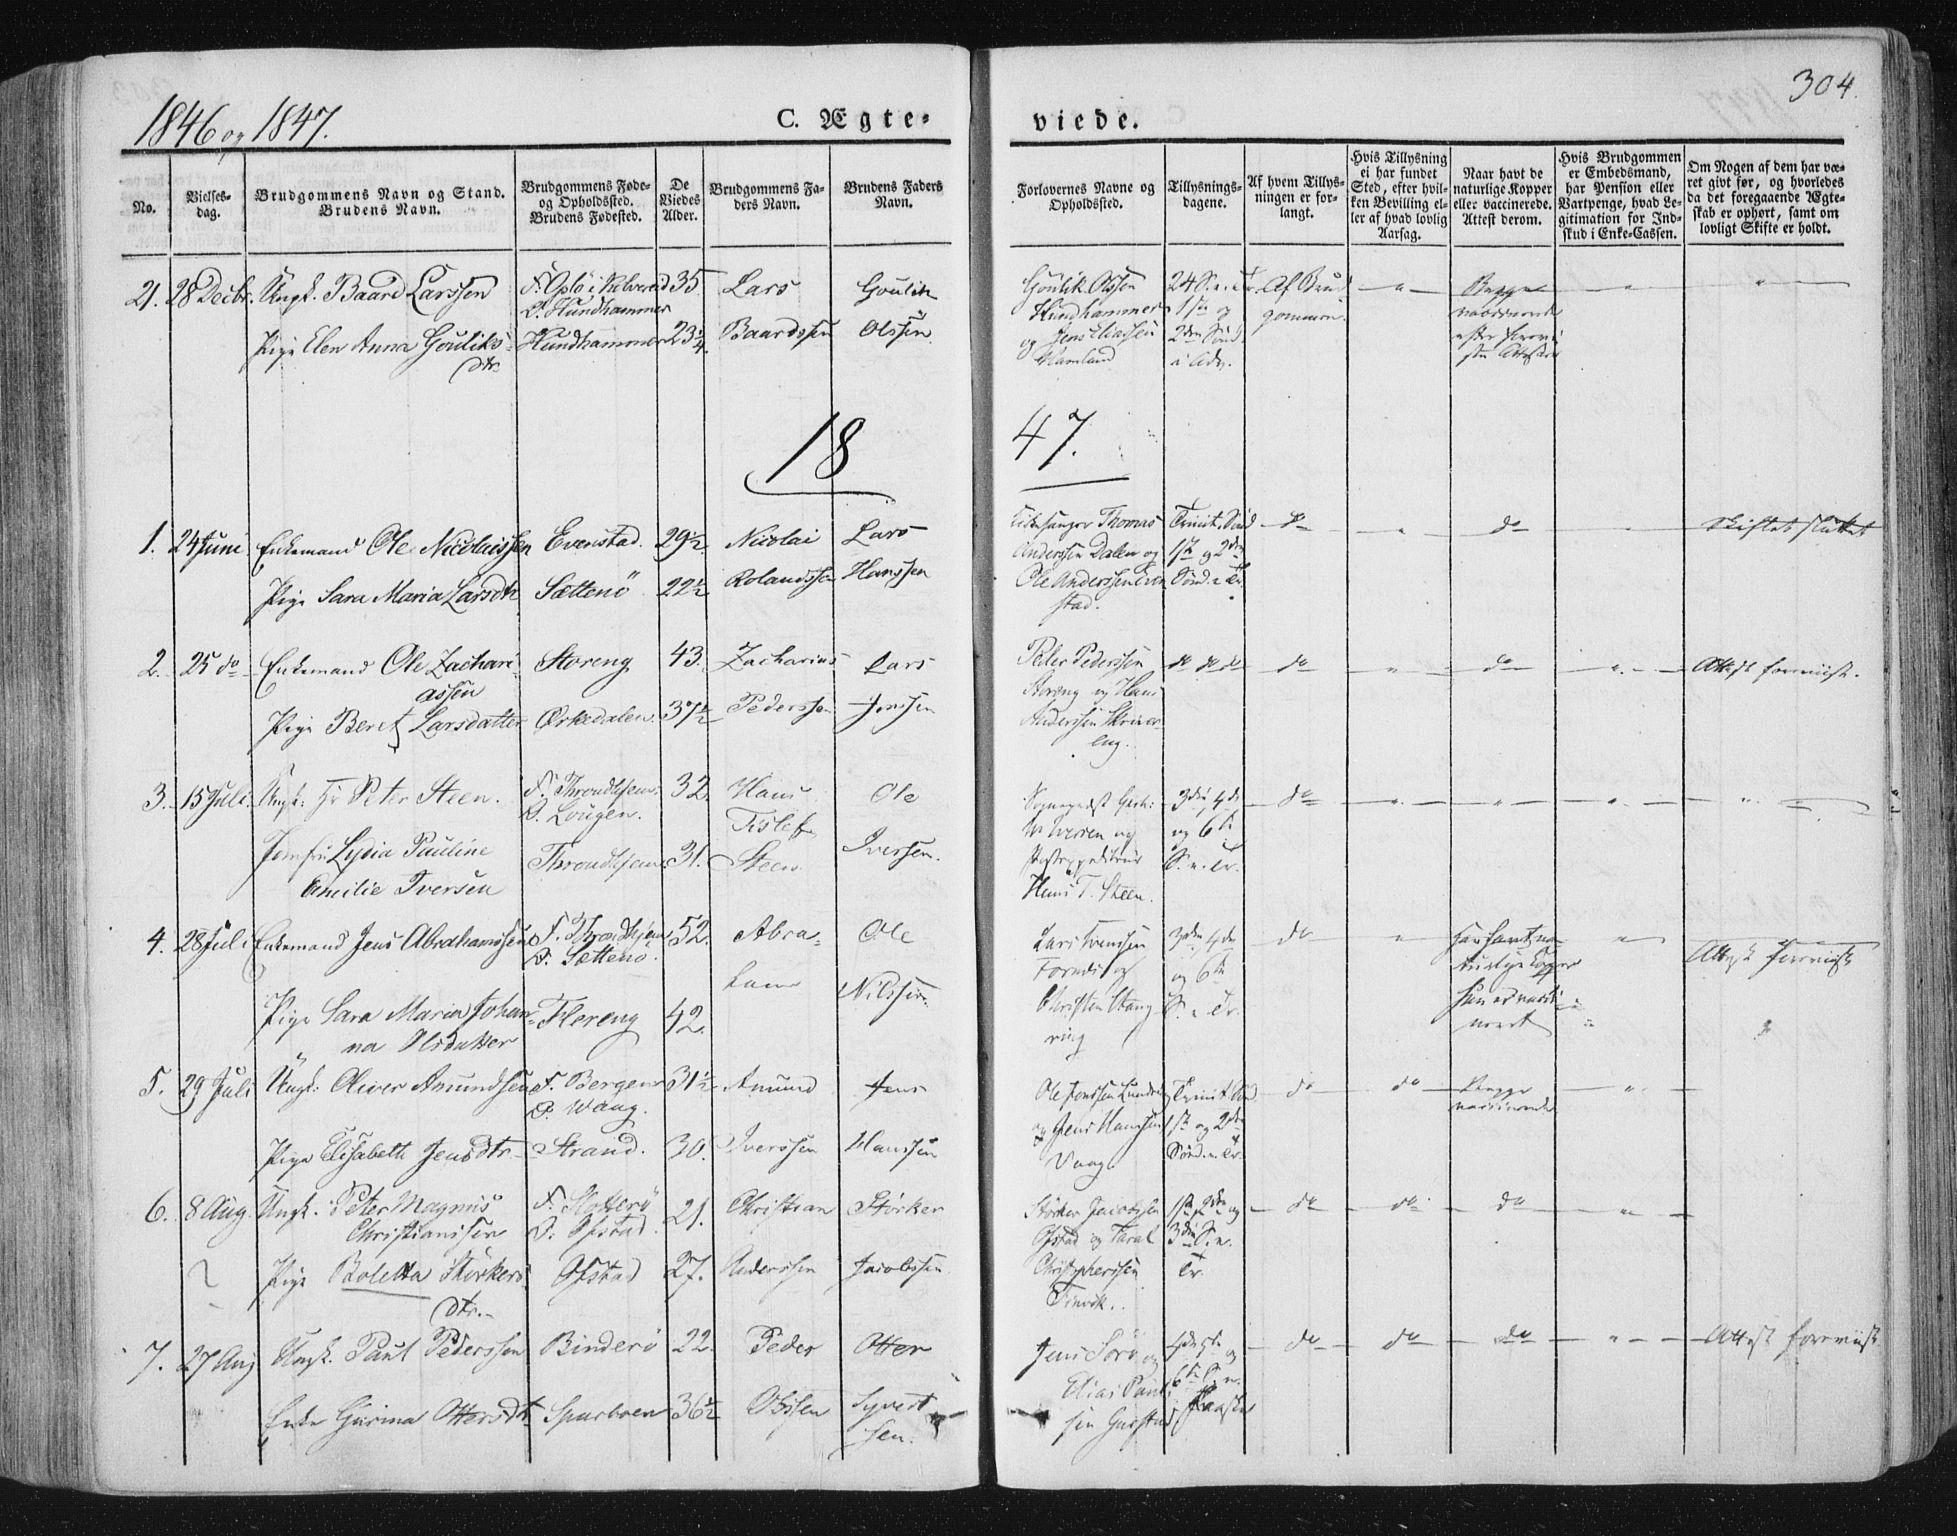 SAT, Ministerialprotokoller, klokkerbøker og fødselsregistre - Nord-Trøndelag, 784/L0669: Ministerialbok nr. 784A04, 1829-1859, s. 304